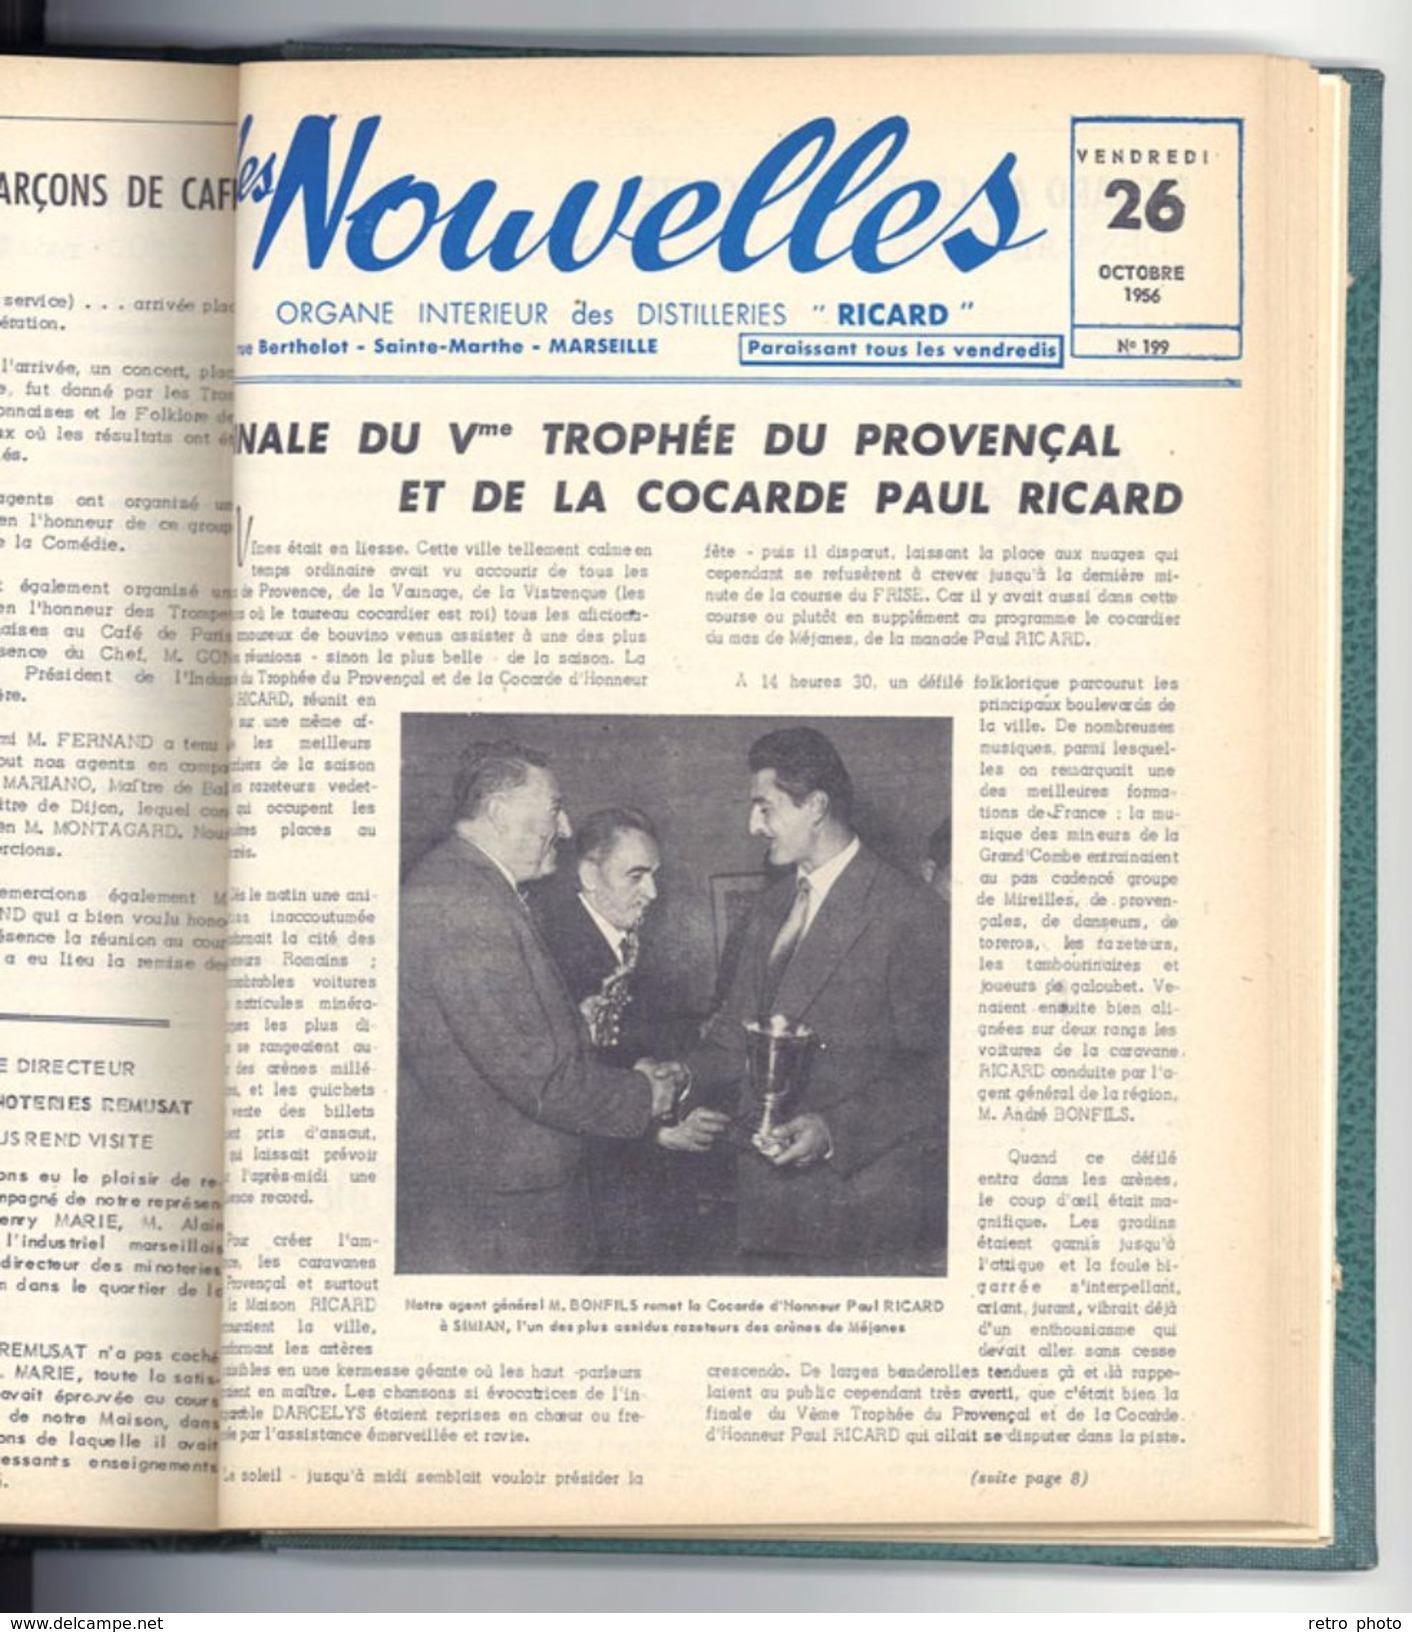 Livre Relié Les Nouvelles, Distillerie Ricard, Sainte-Marthe, Marseille 1956 - Camargue, Pétanque, Manades, Marseille .. - Livres, BD, Revues